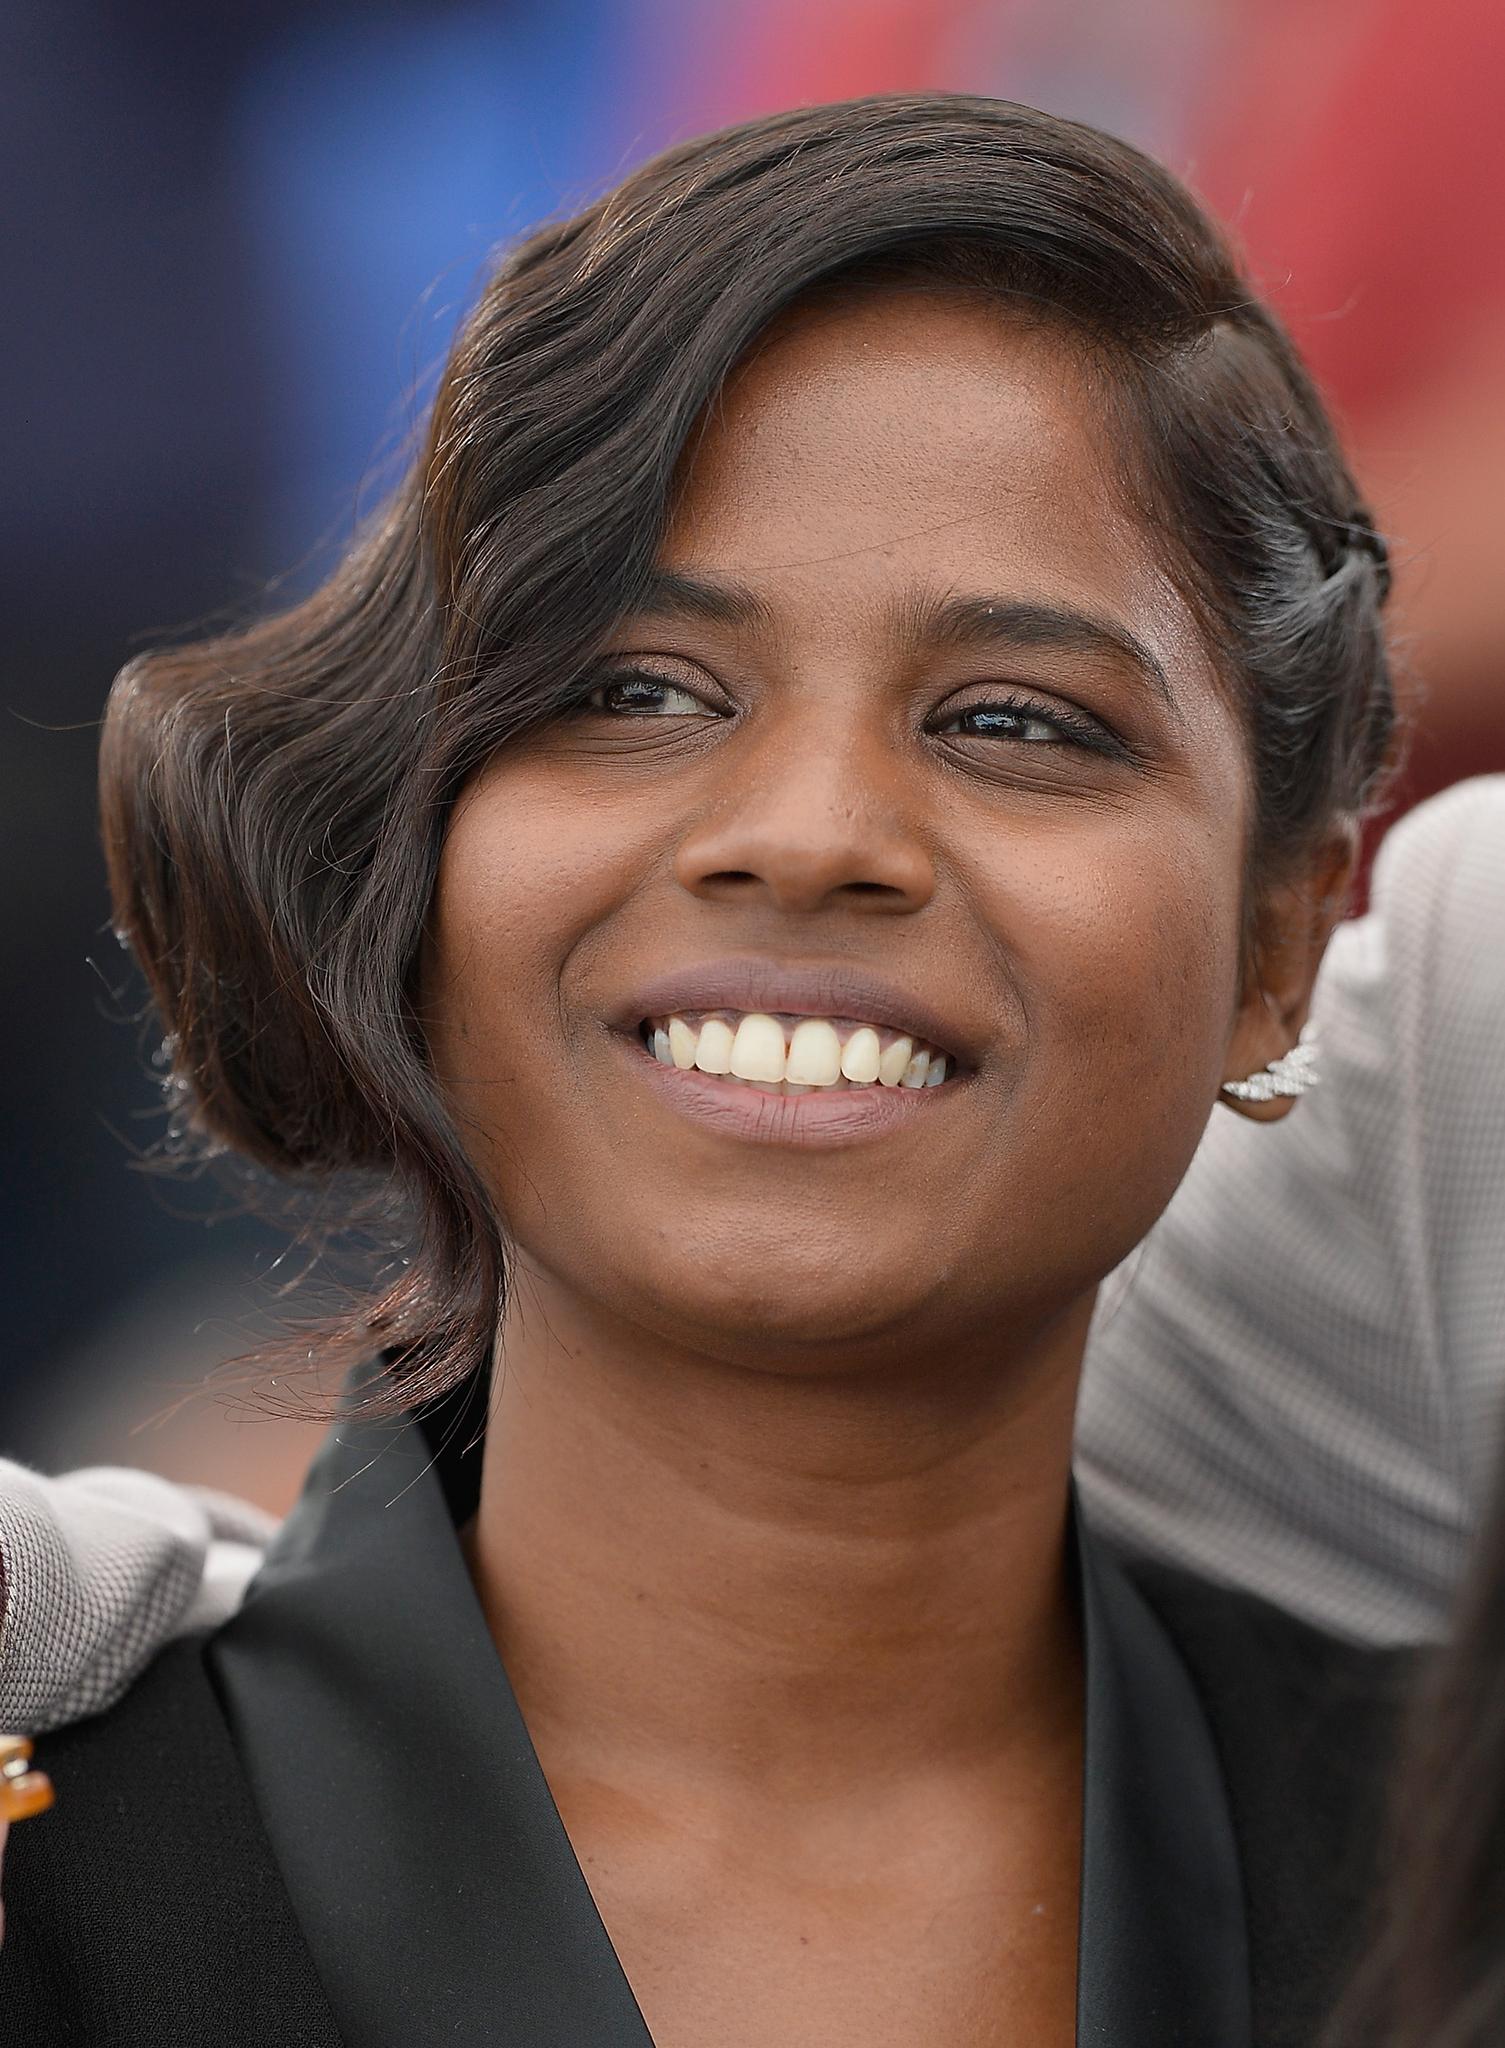 Kalieaswari Srinivasan at an event for Dheepan (2015)